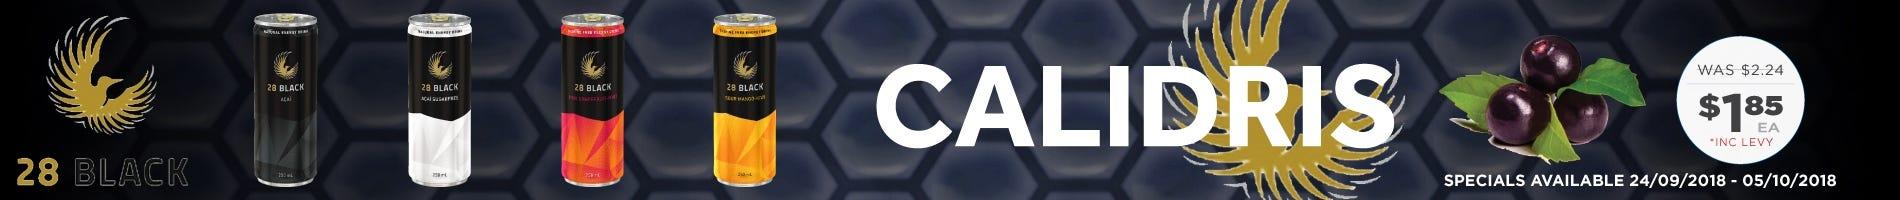 Click to Shop Calidris